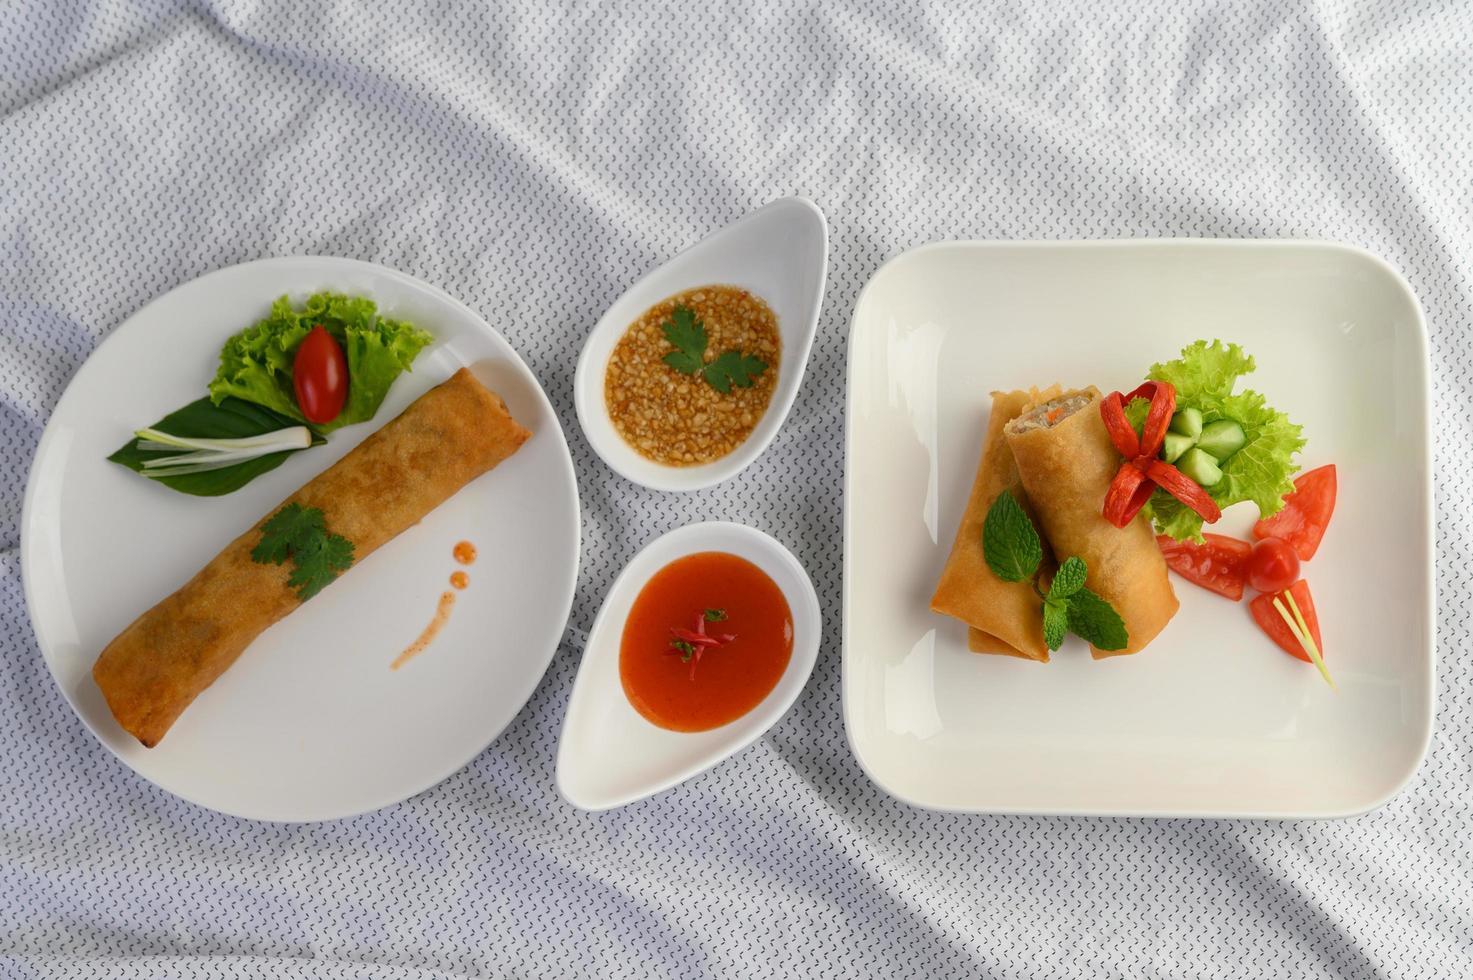 involtini di uova tailandesi fritte foto